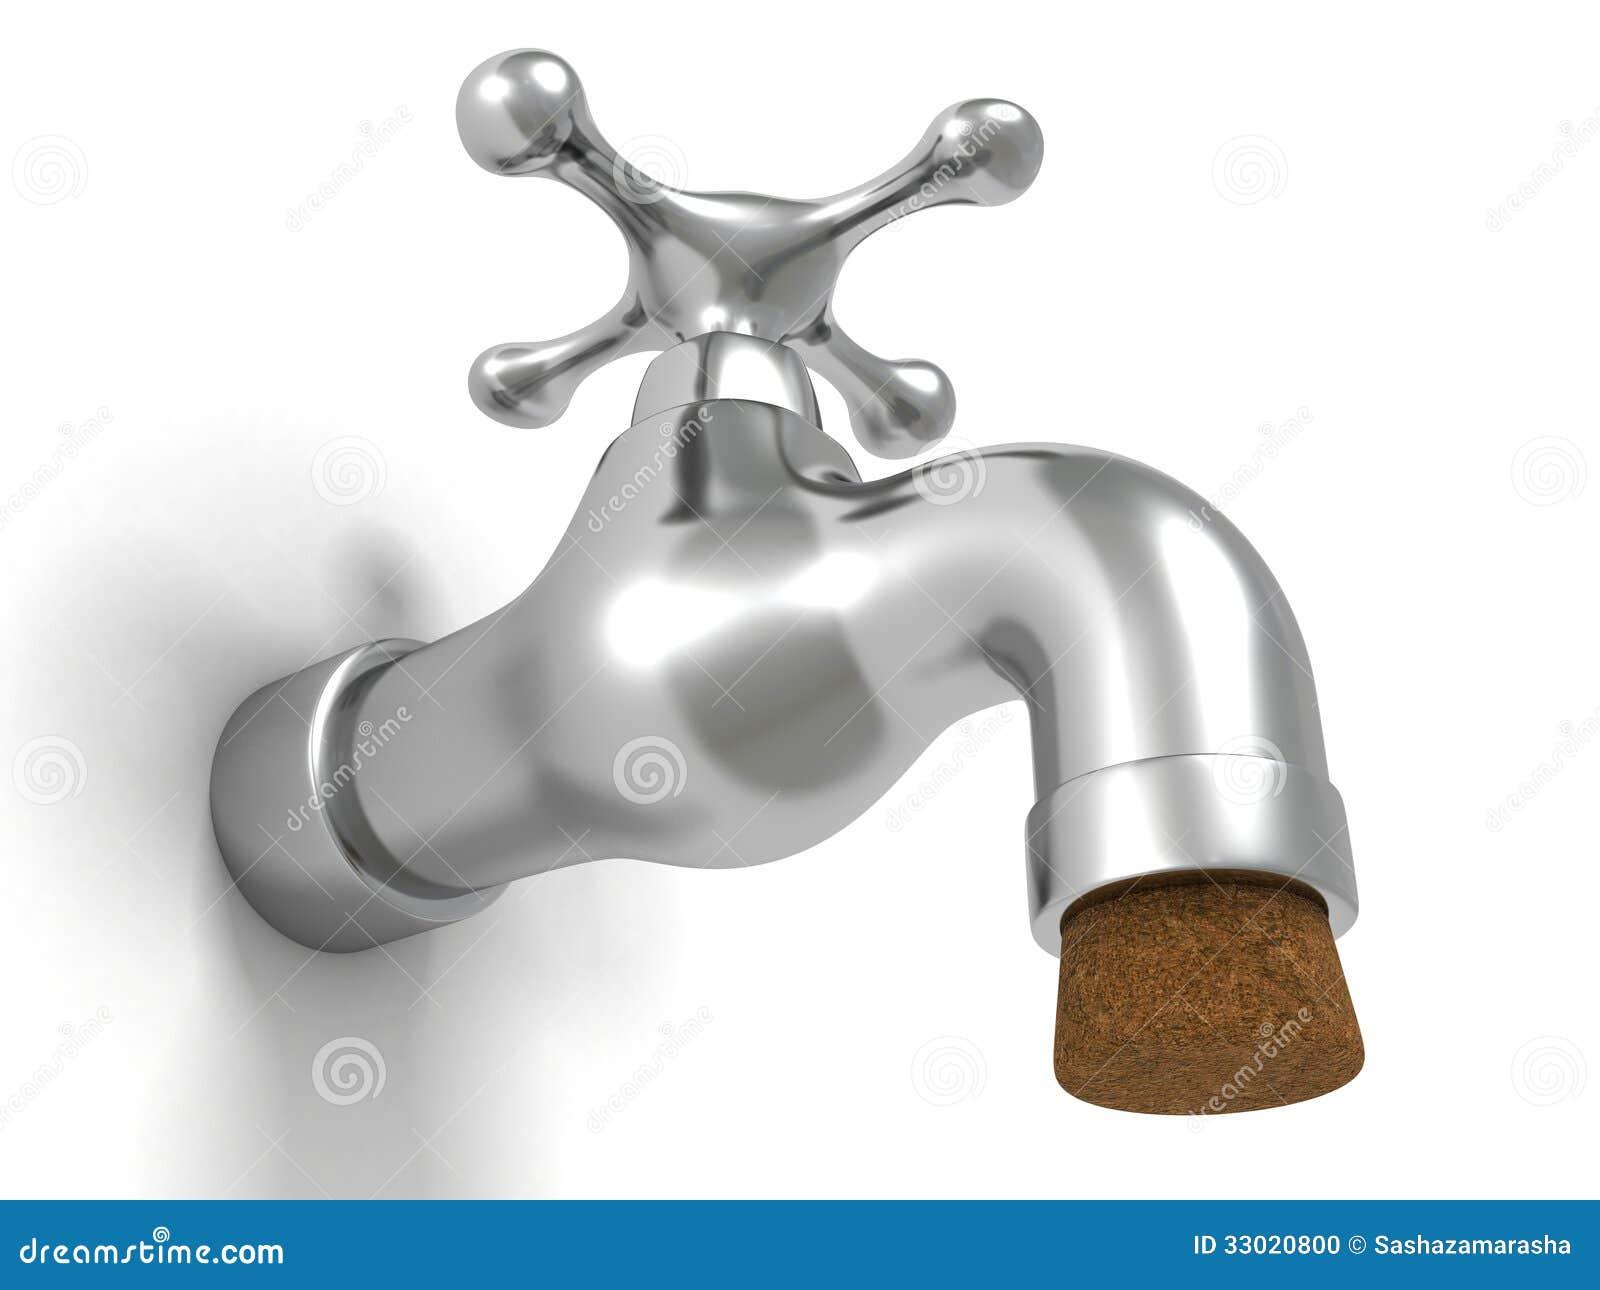 Metallic Shiny Faucet Tap Water Sink Plumbing Cork Stock